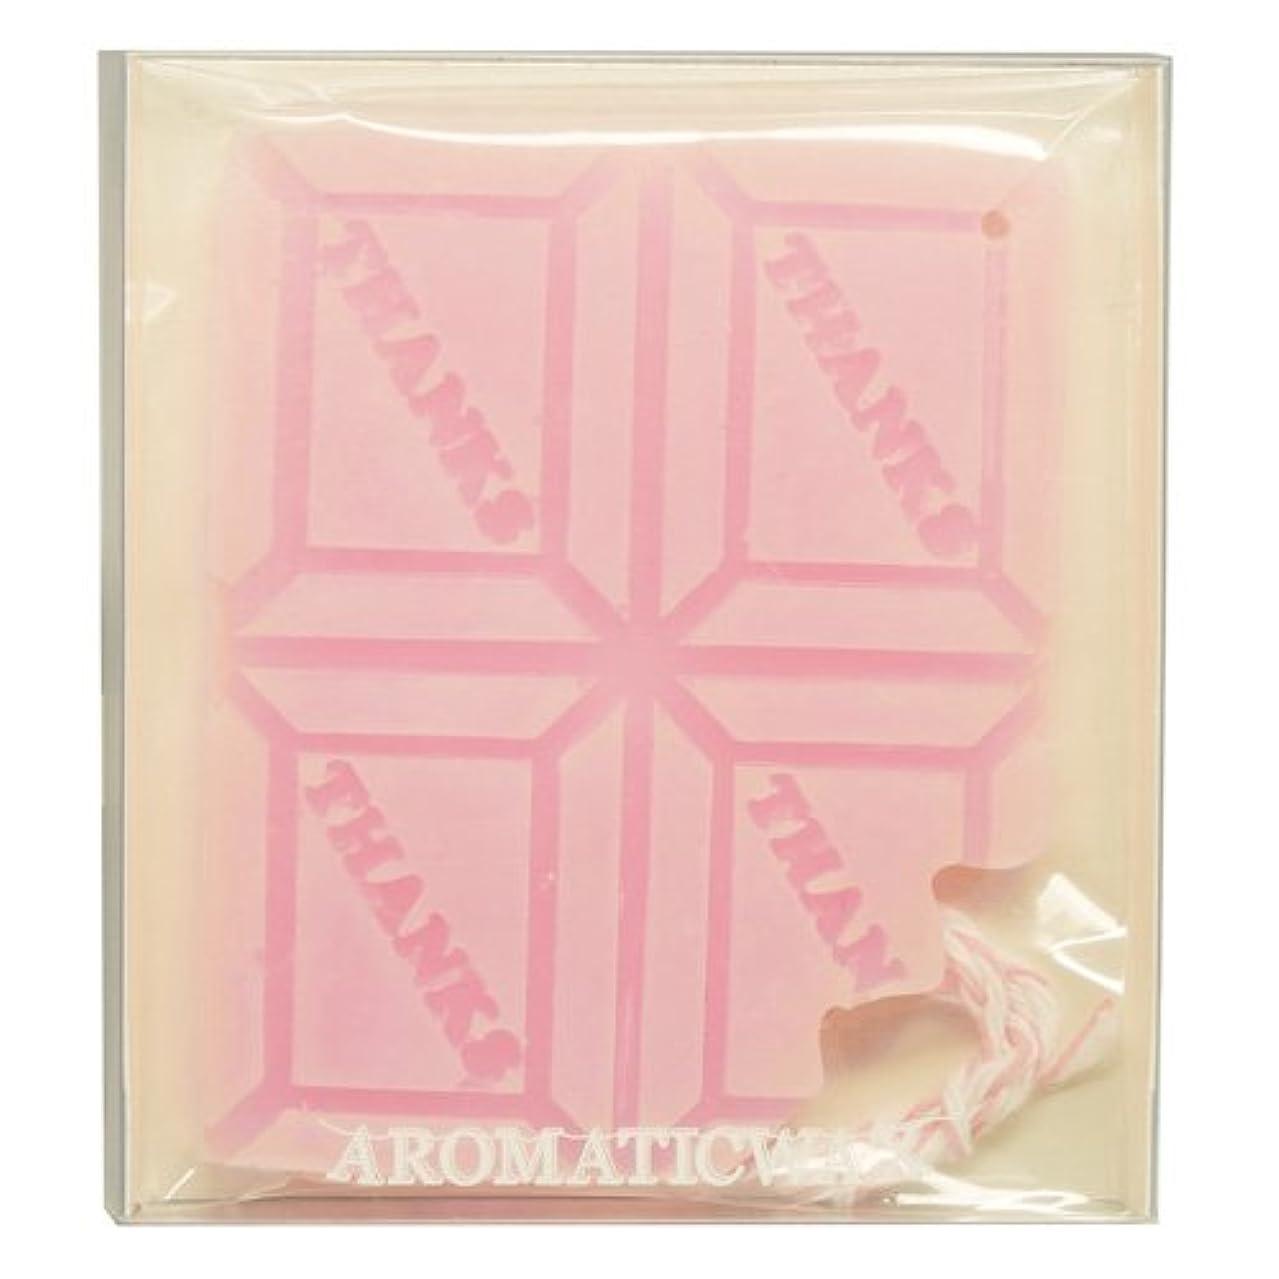 シュガー定常ゴールデンGRASSE TOKYO AROMATICWAXチャーム「板チョコ(THANKS)」(PI) ゼラニウム アロマティックワックス グラーストウキョウ